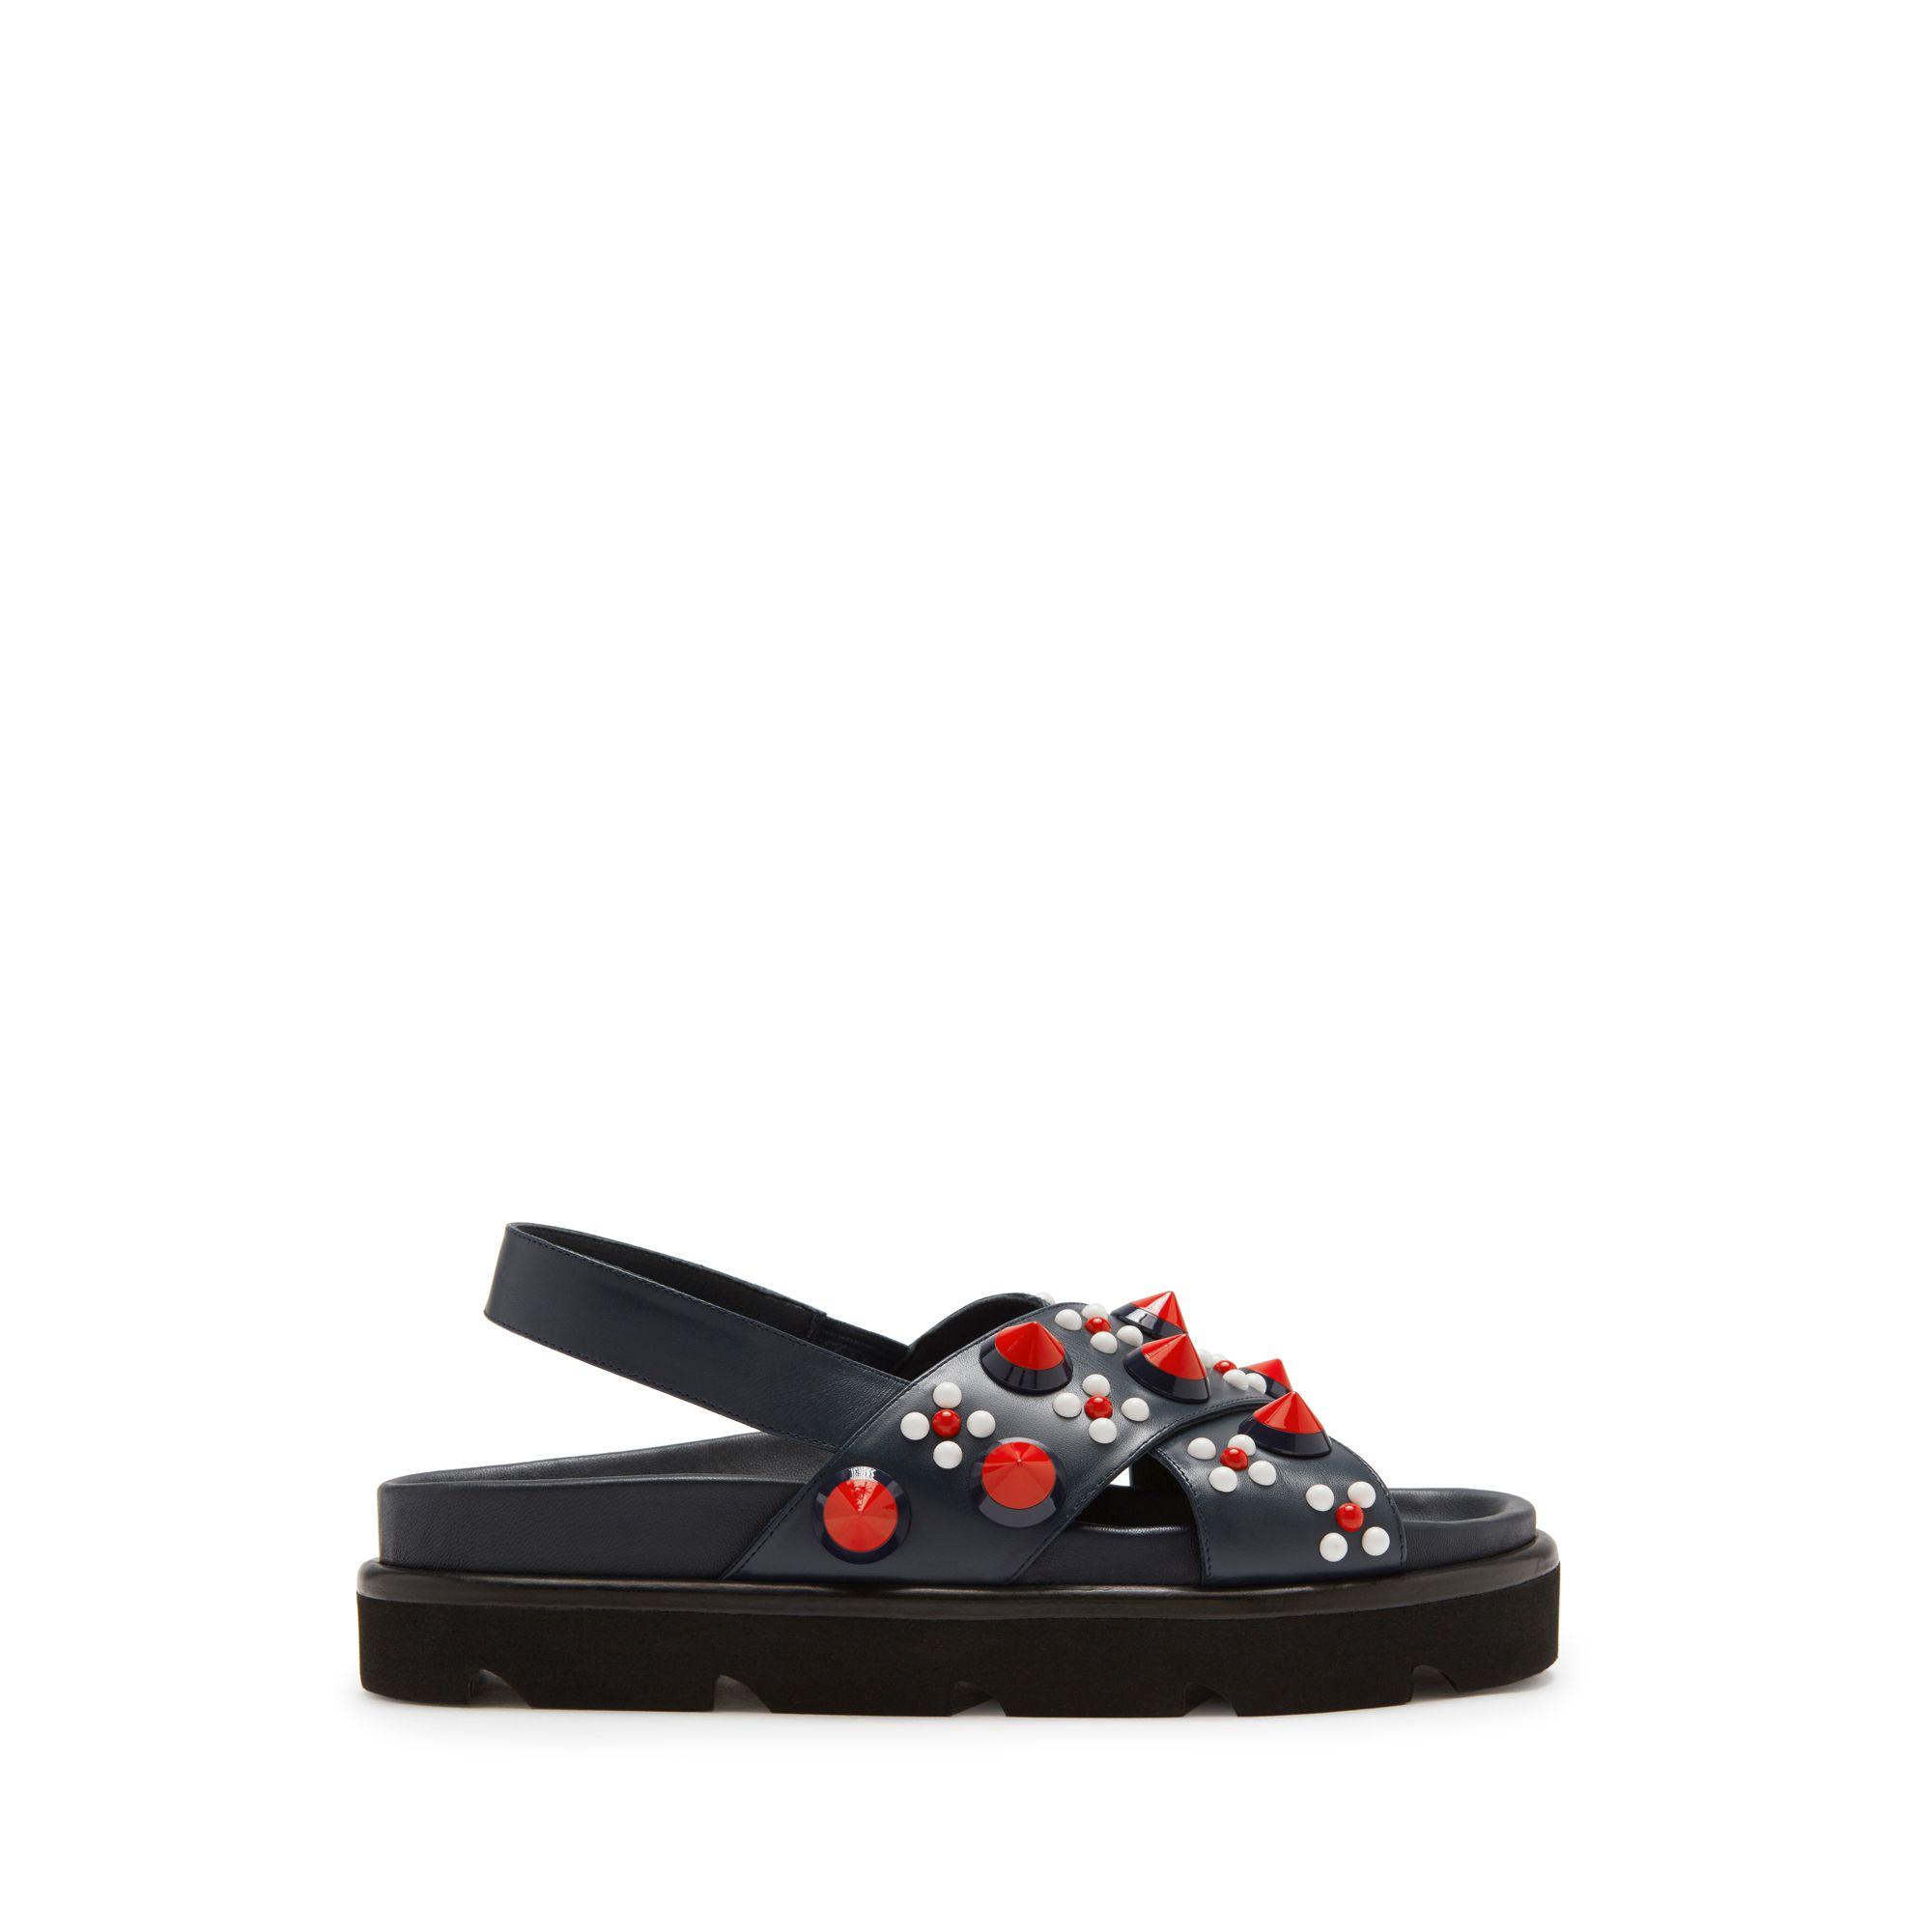 50028b72af1 Shoes